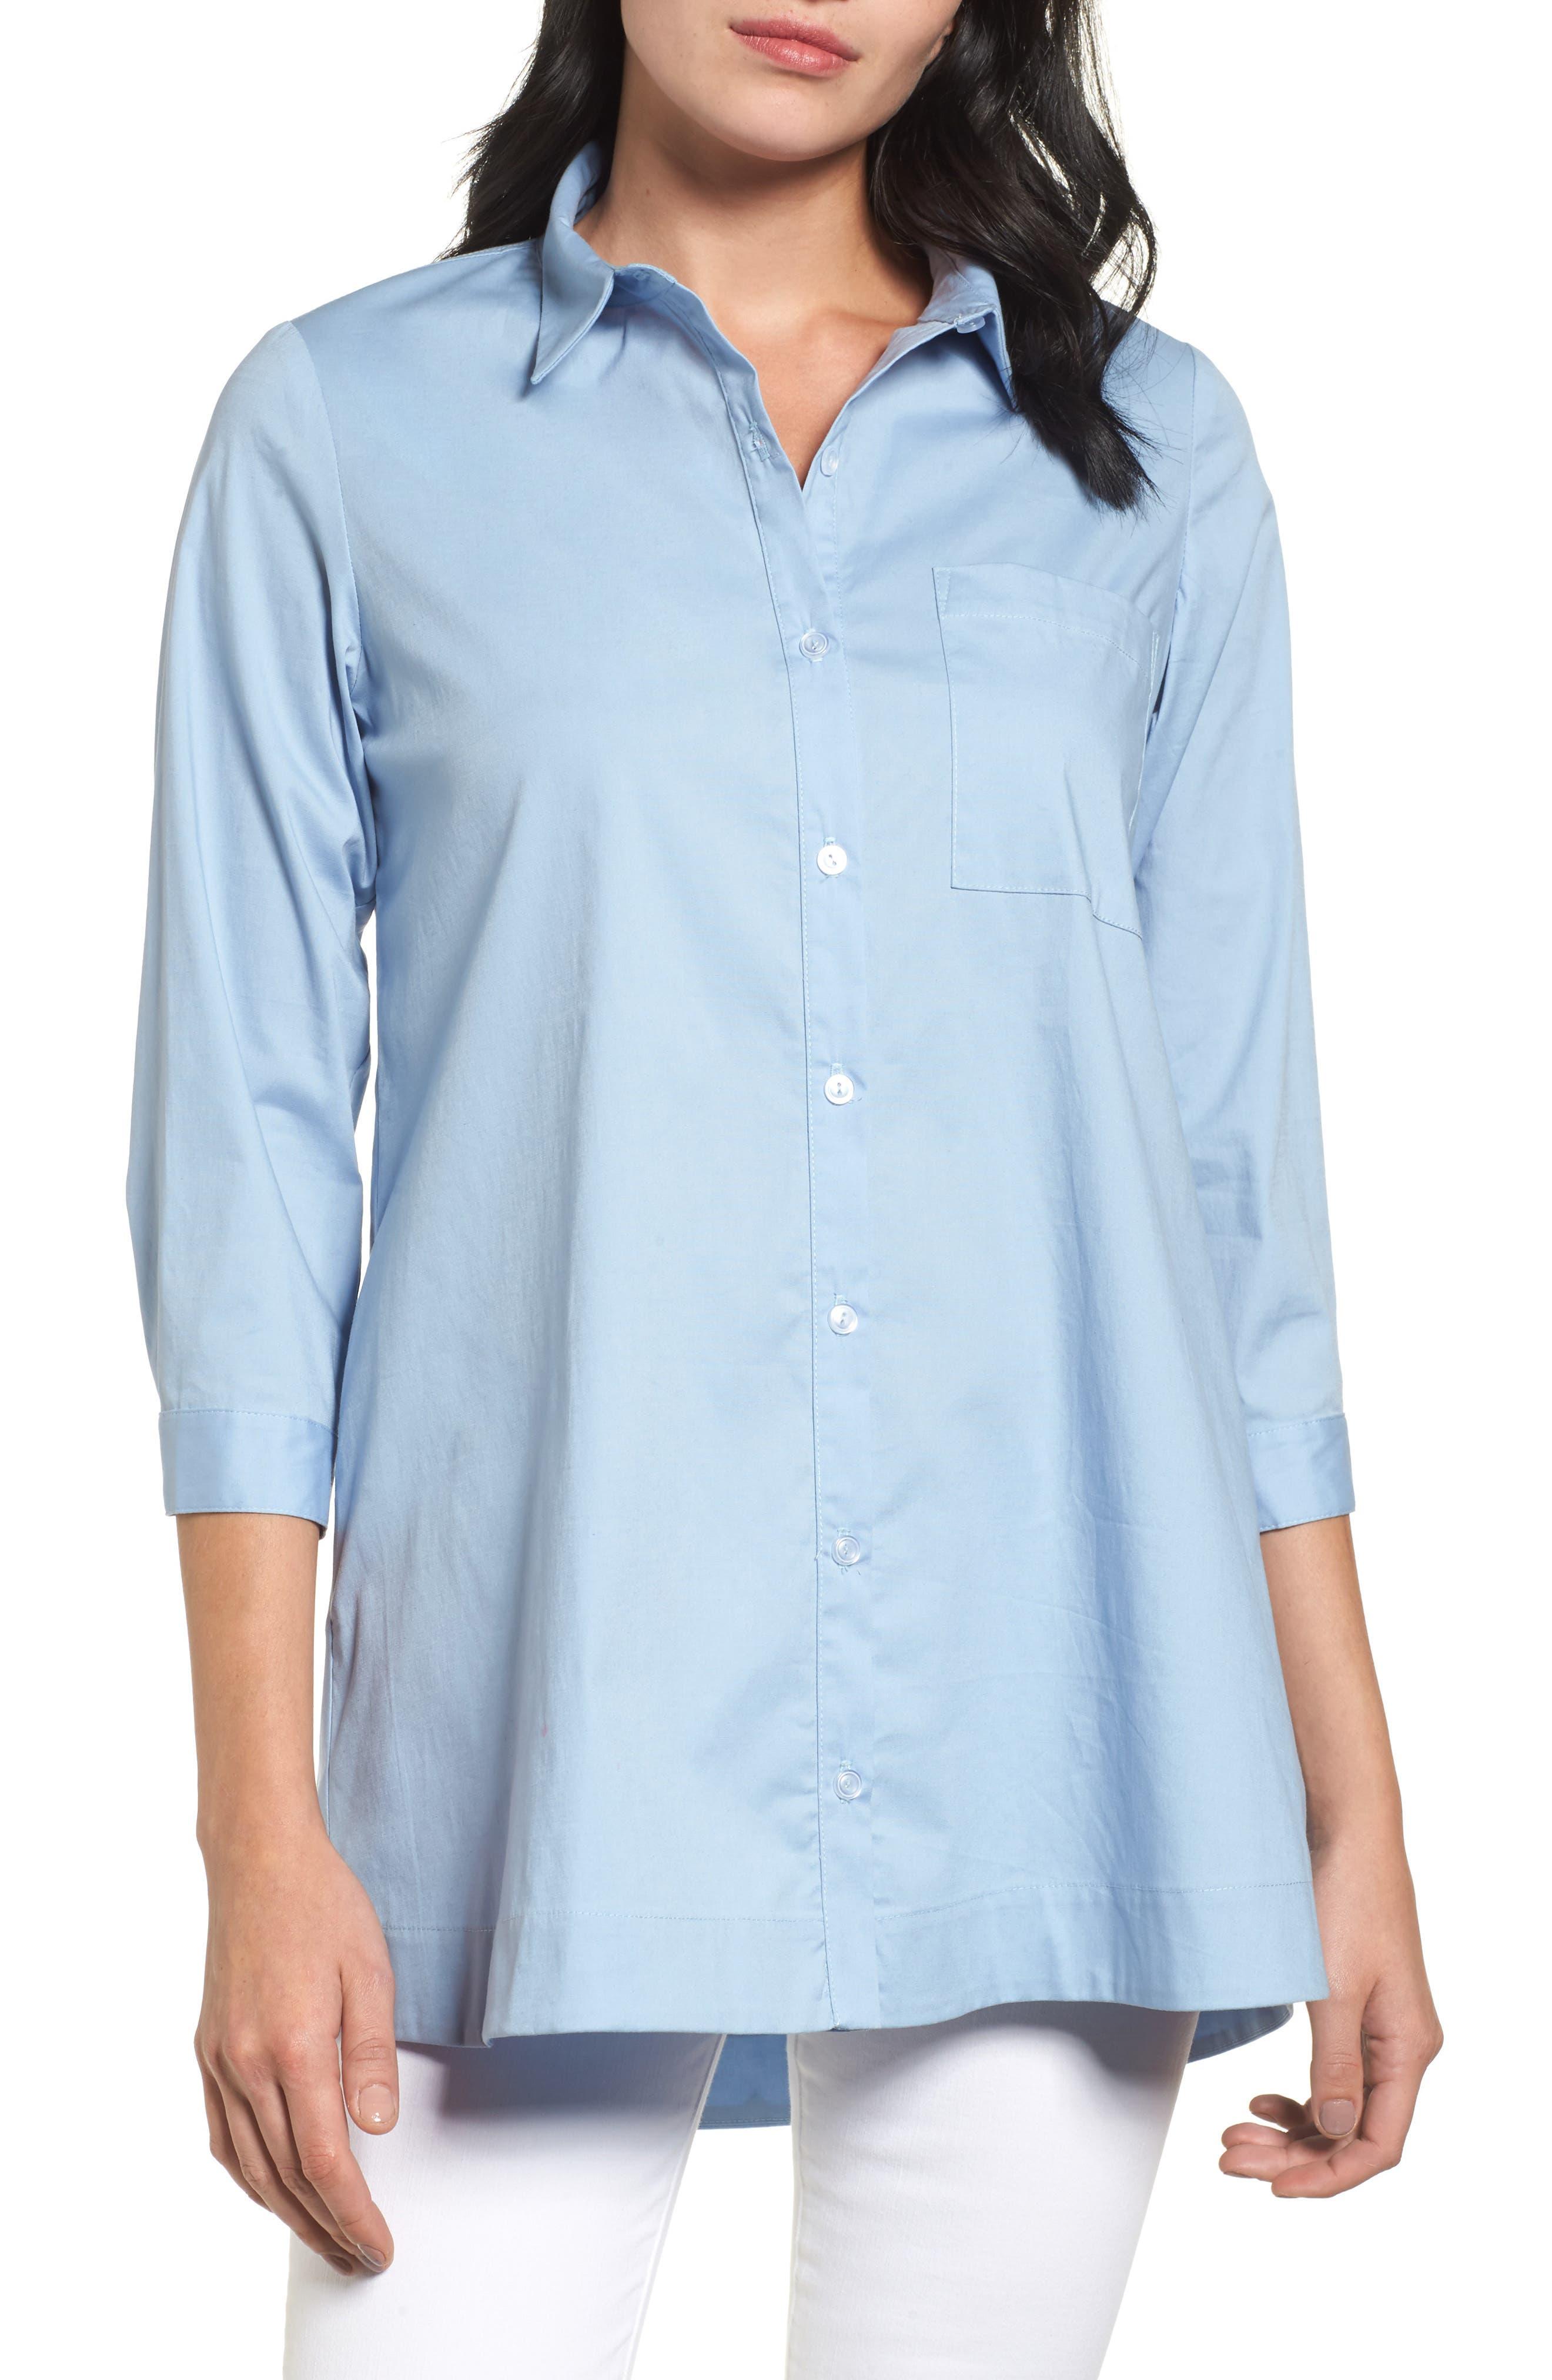 Bobeau Poplin Shirt